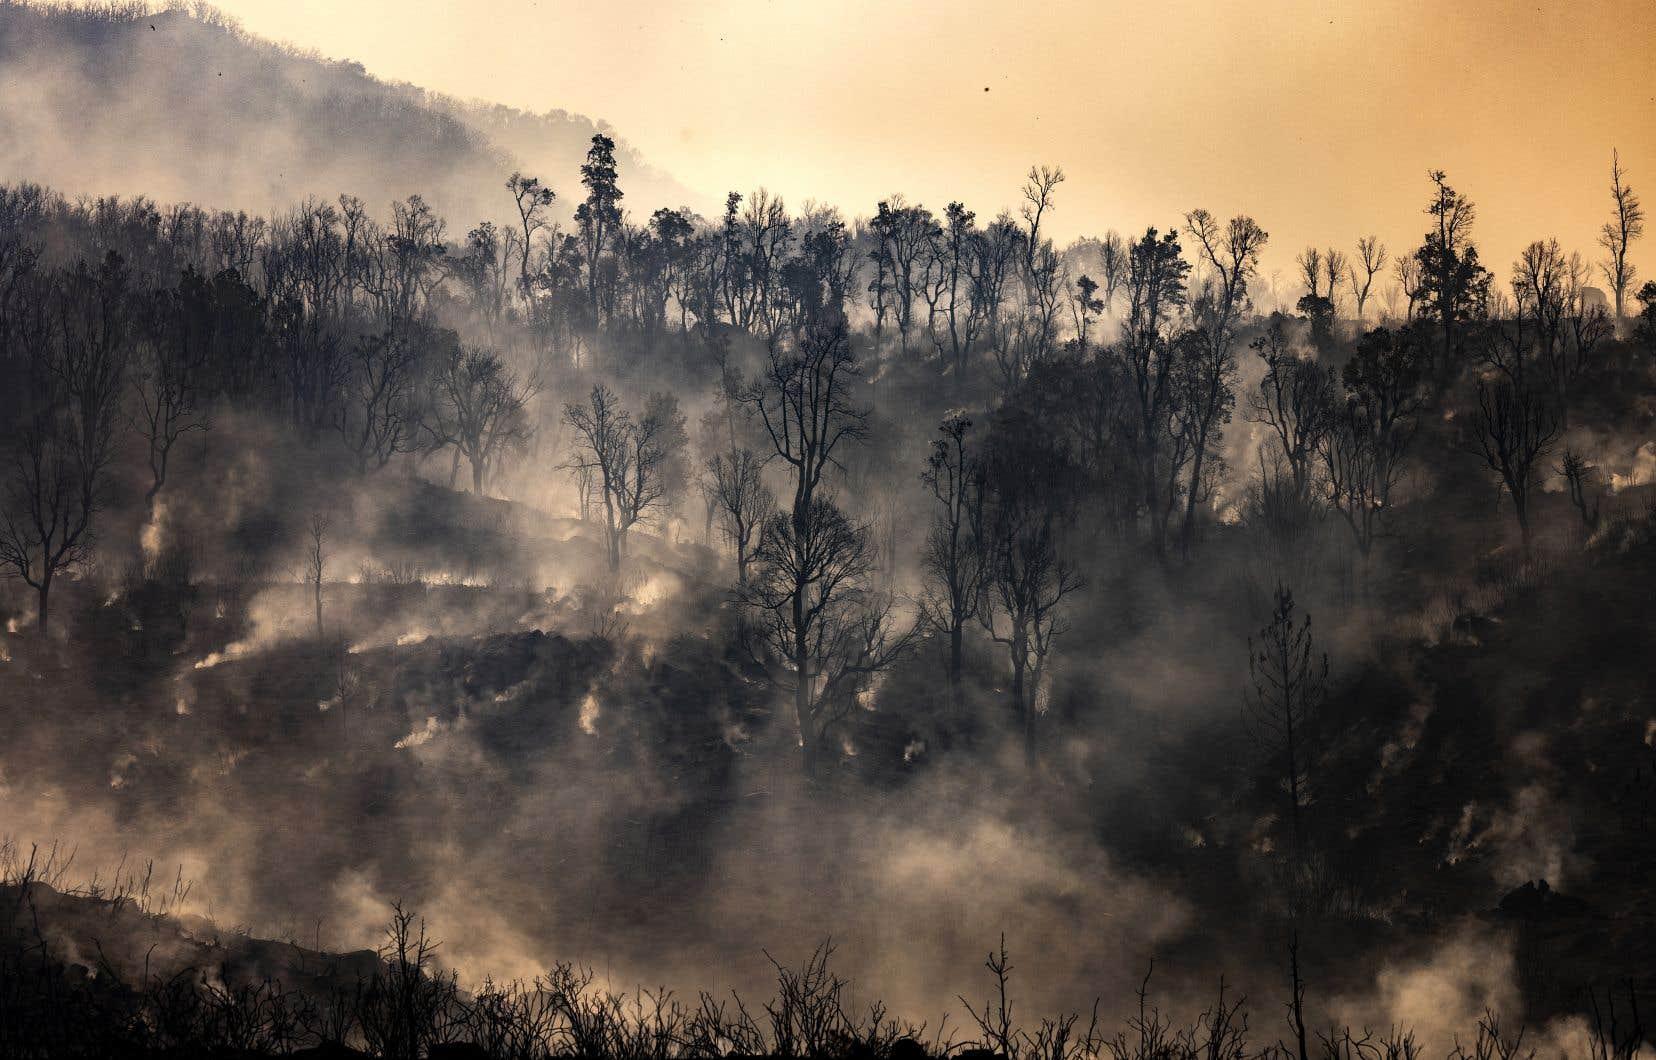 Quelque 725 hectares d'une forêt près de la ville touristique de Chefchaouen ont déjà été engloutis par les feux déclarés samedi.